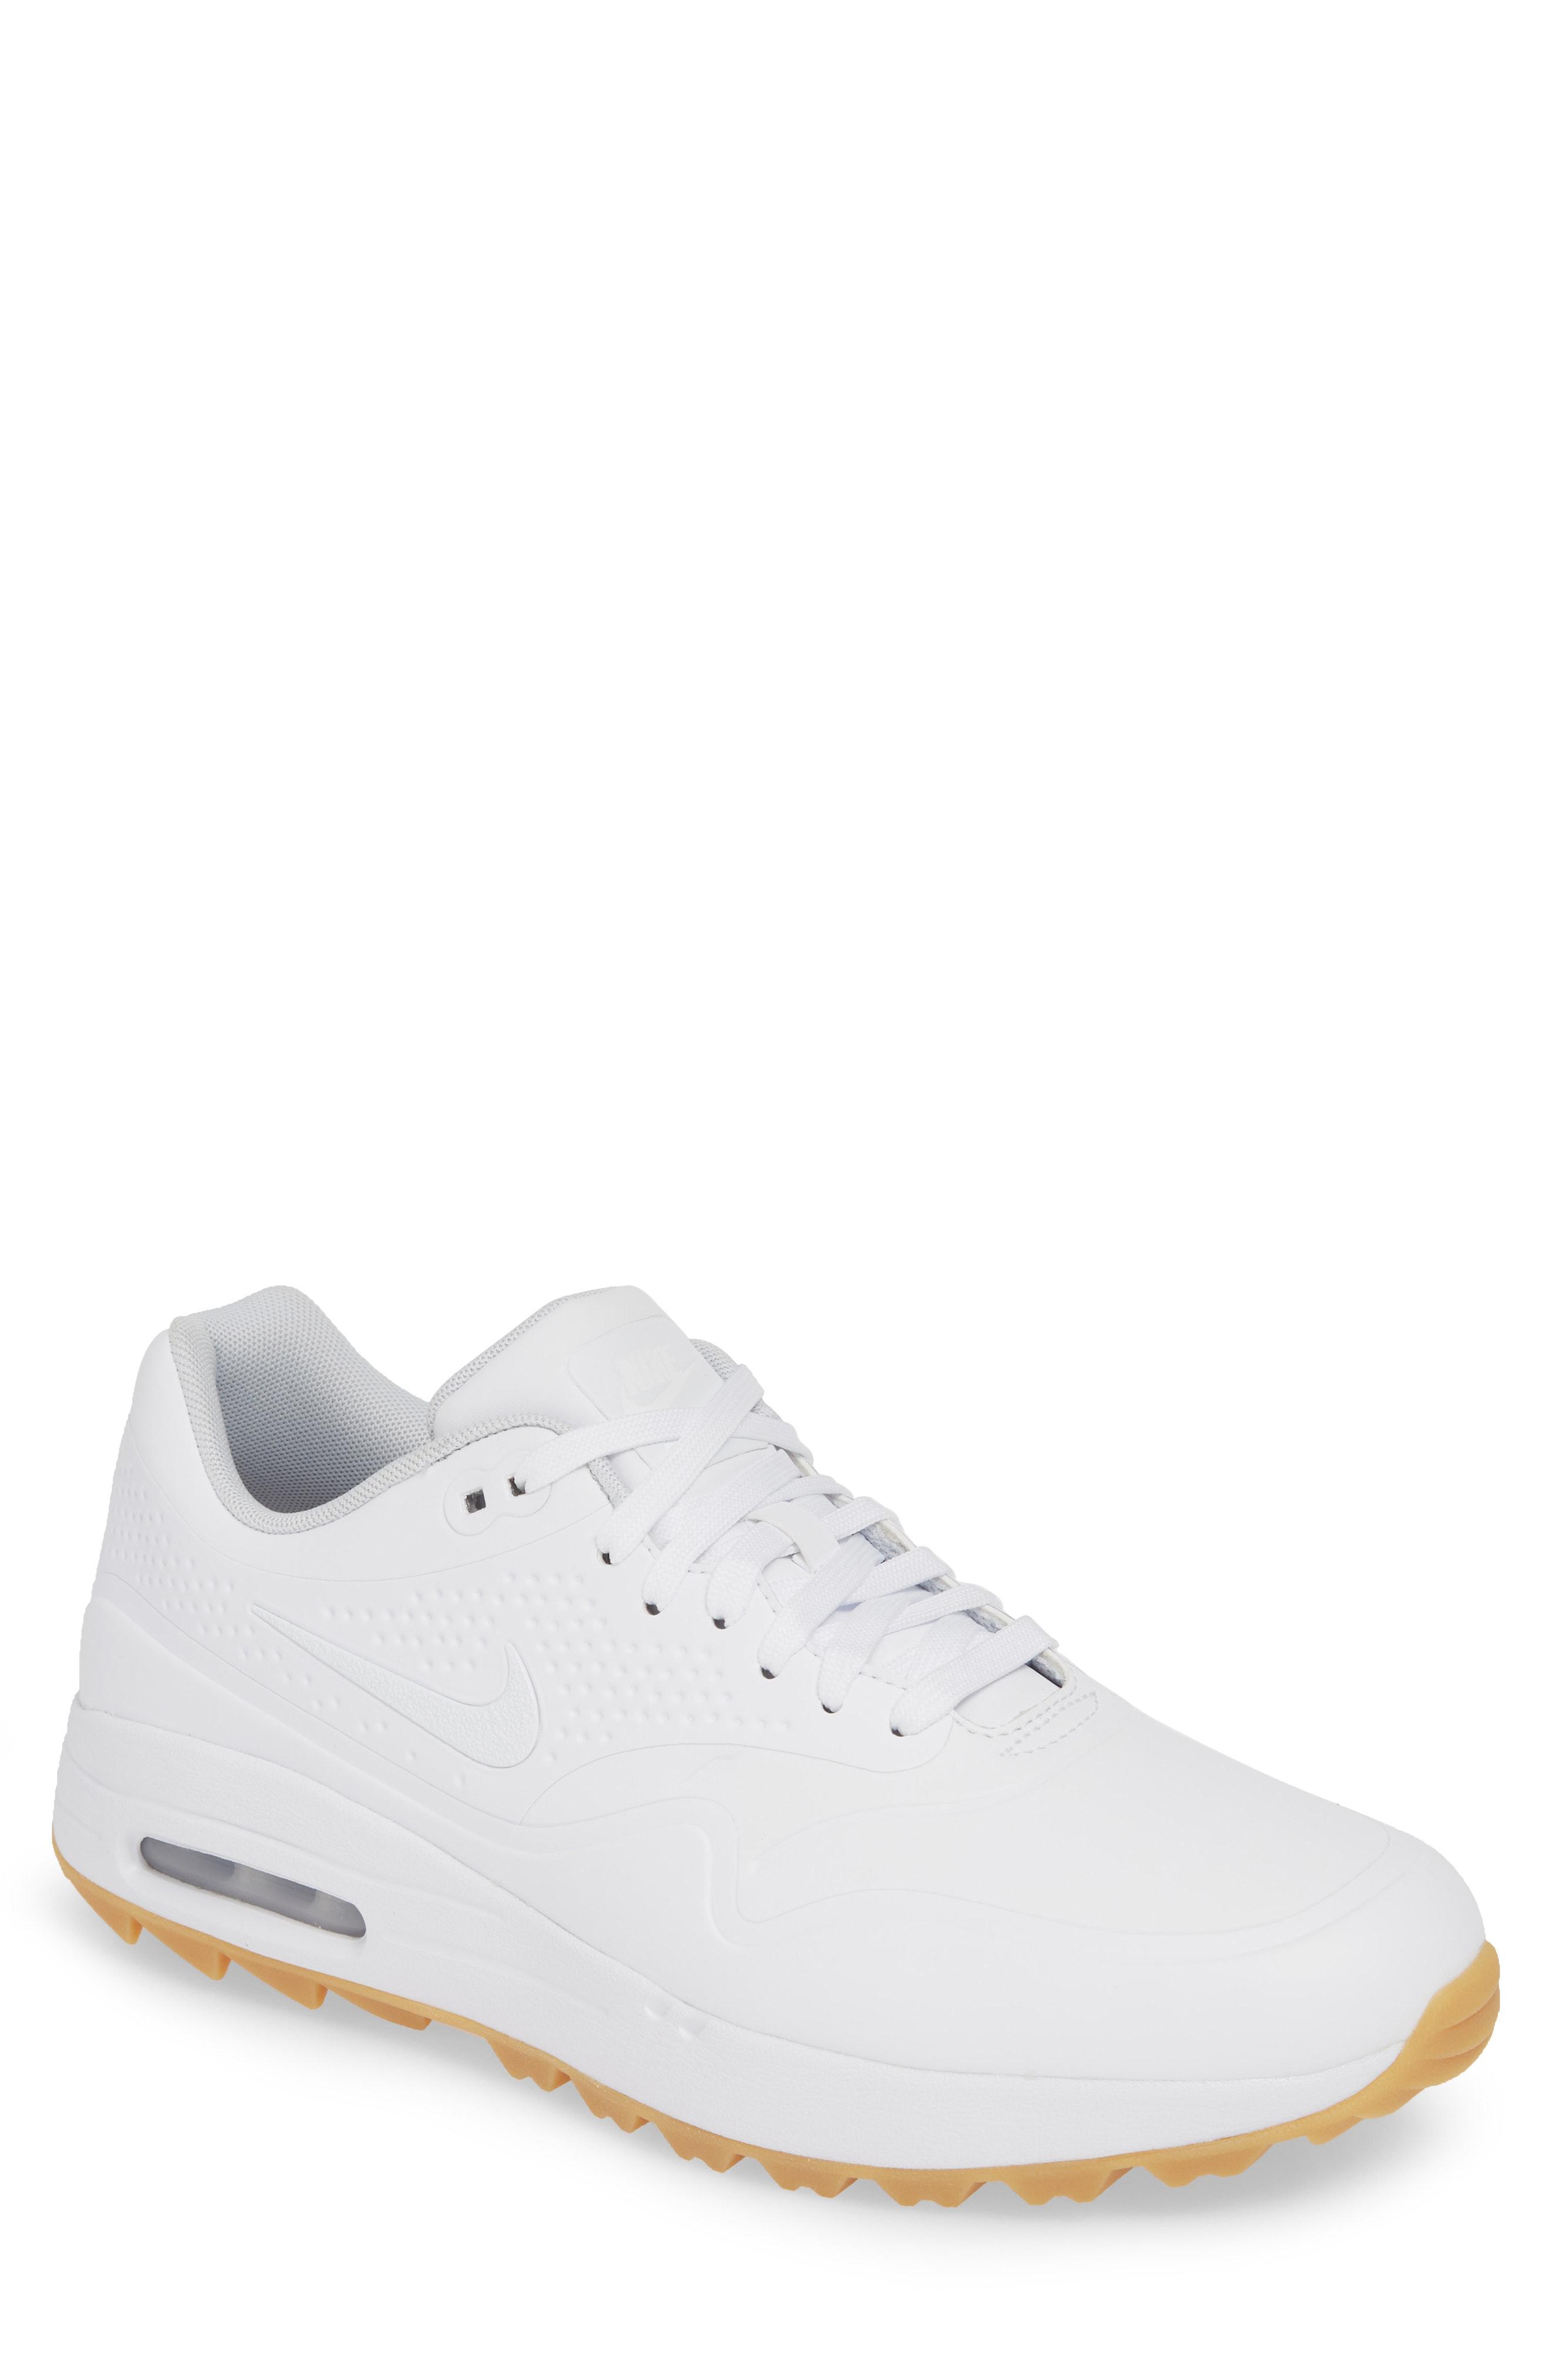 Nike Air Max 1 Golf Shoe In White Gum Light Brown Modesens